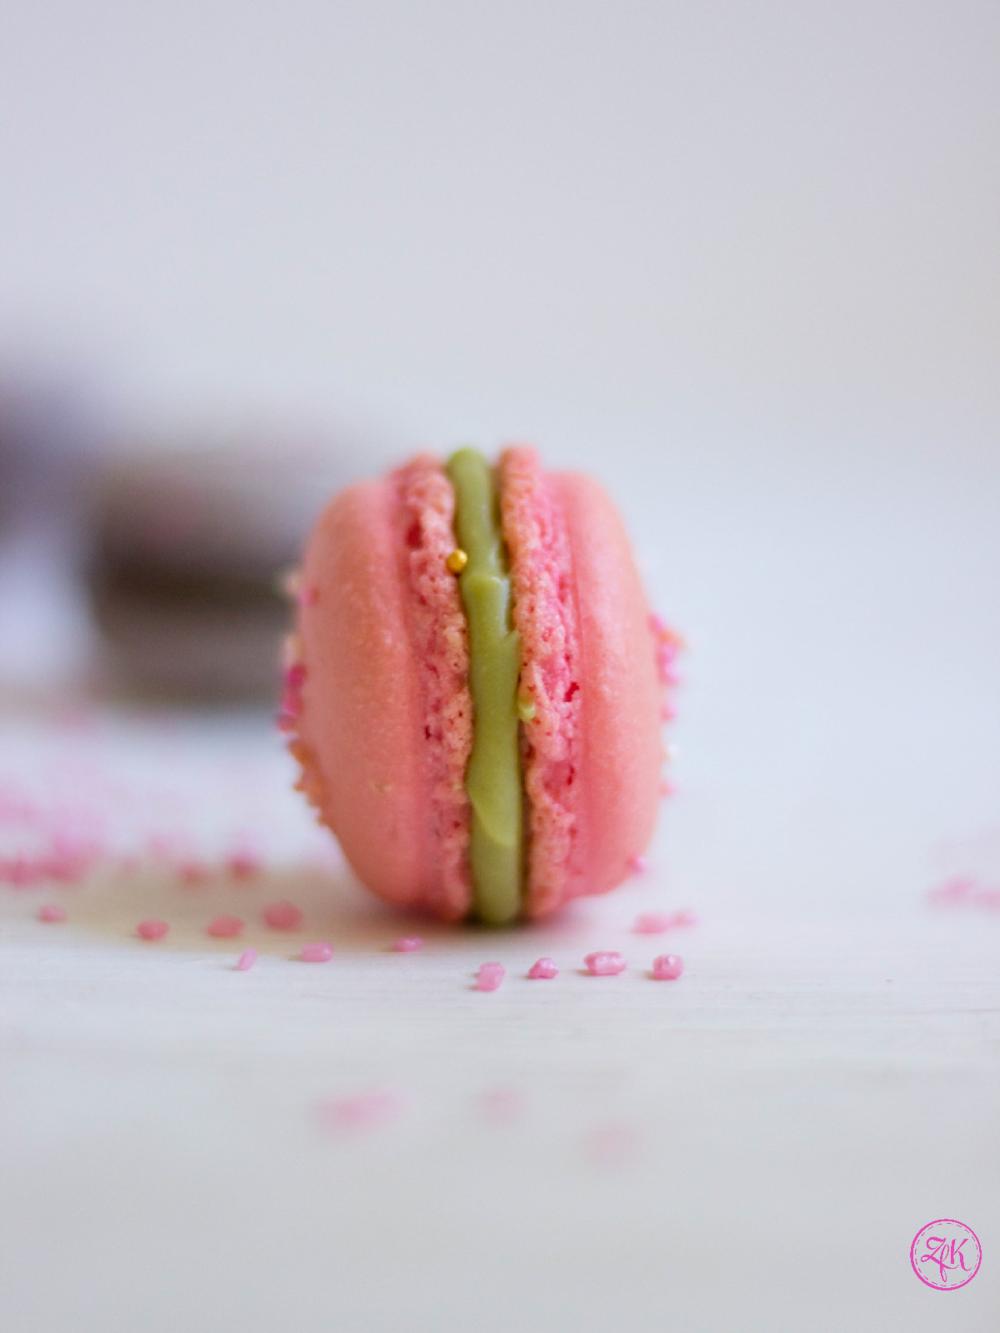 Weiße Schokolade und eine Matacha-Sahne bilden die wunderschön grüne Ganache, die diesen Macaron vollendet